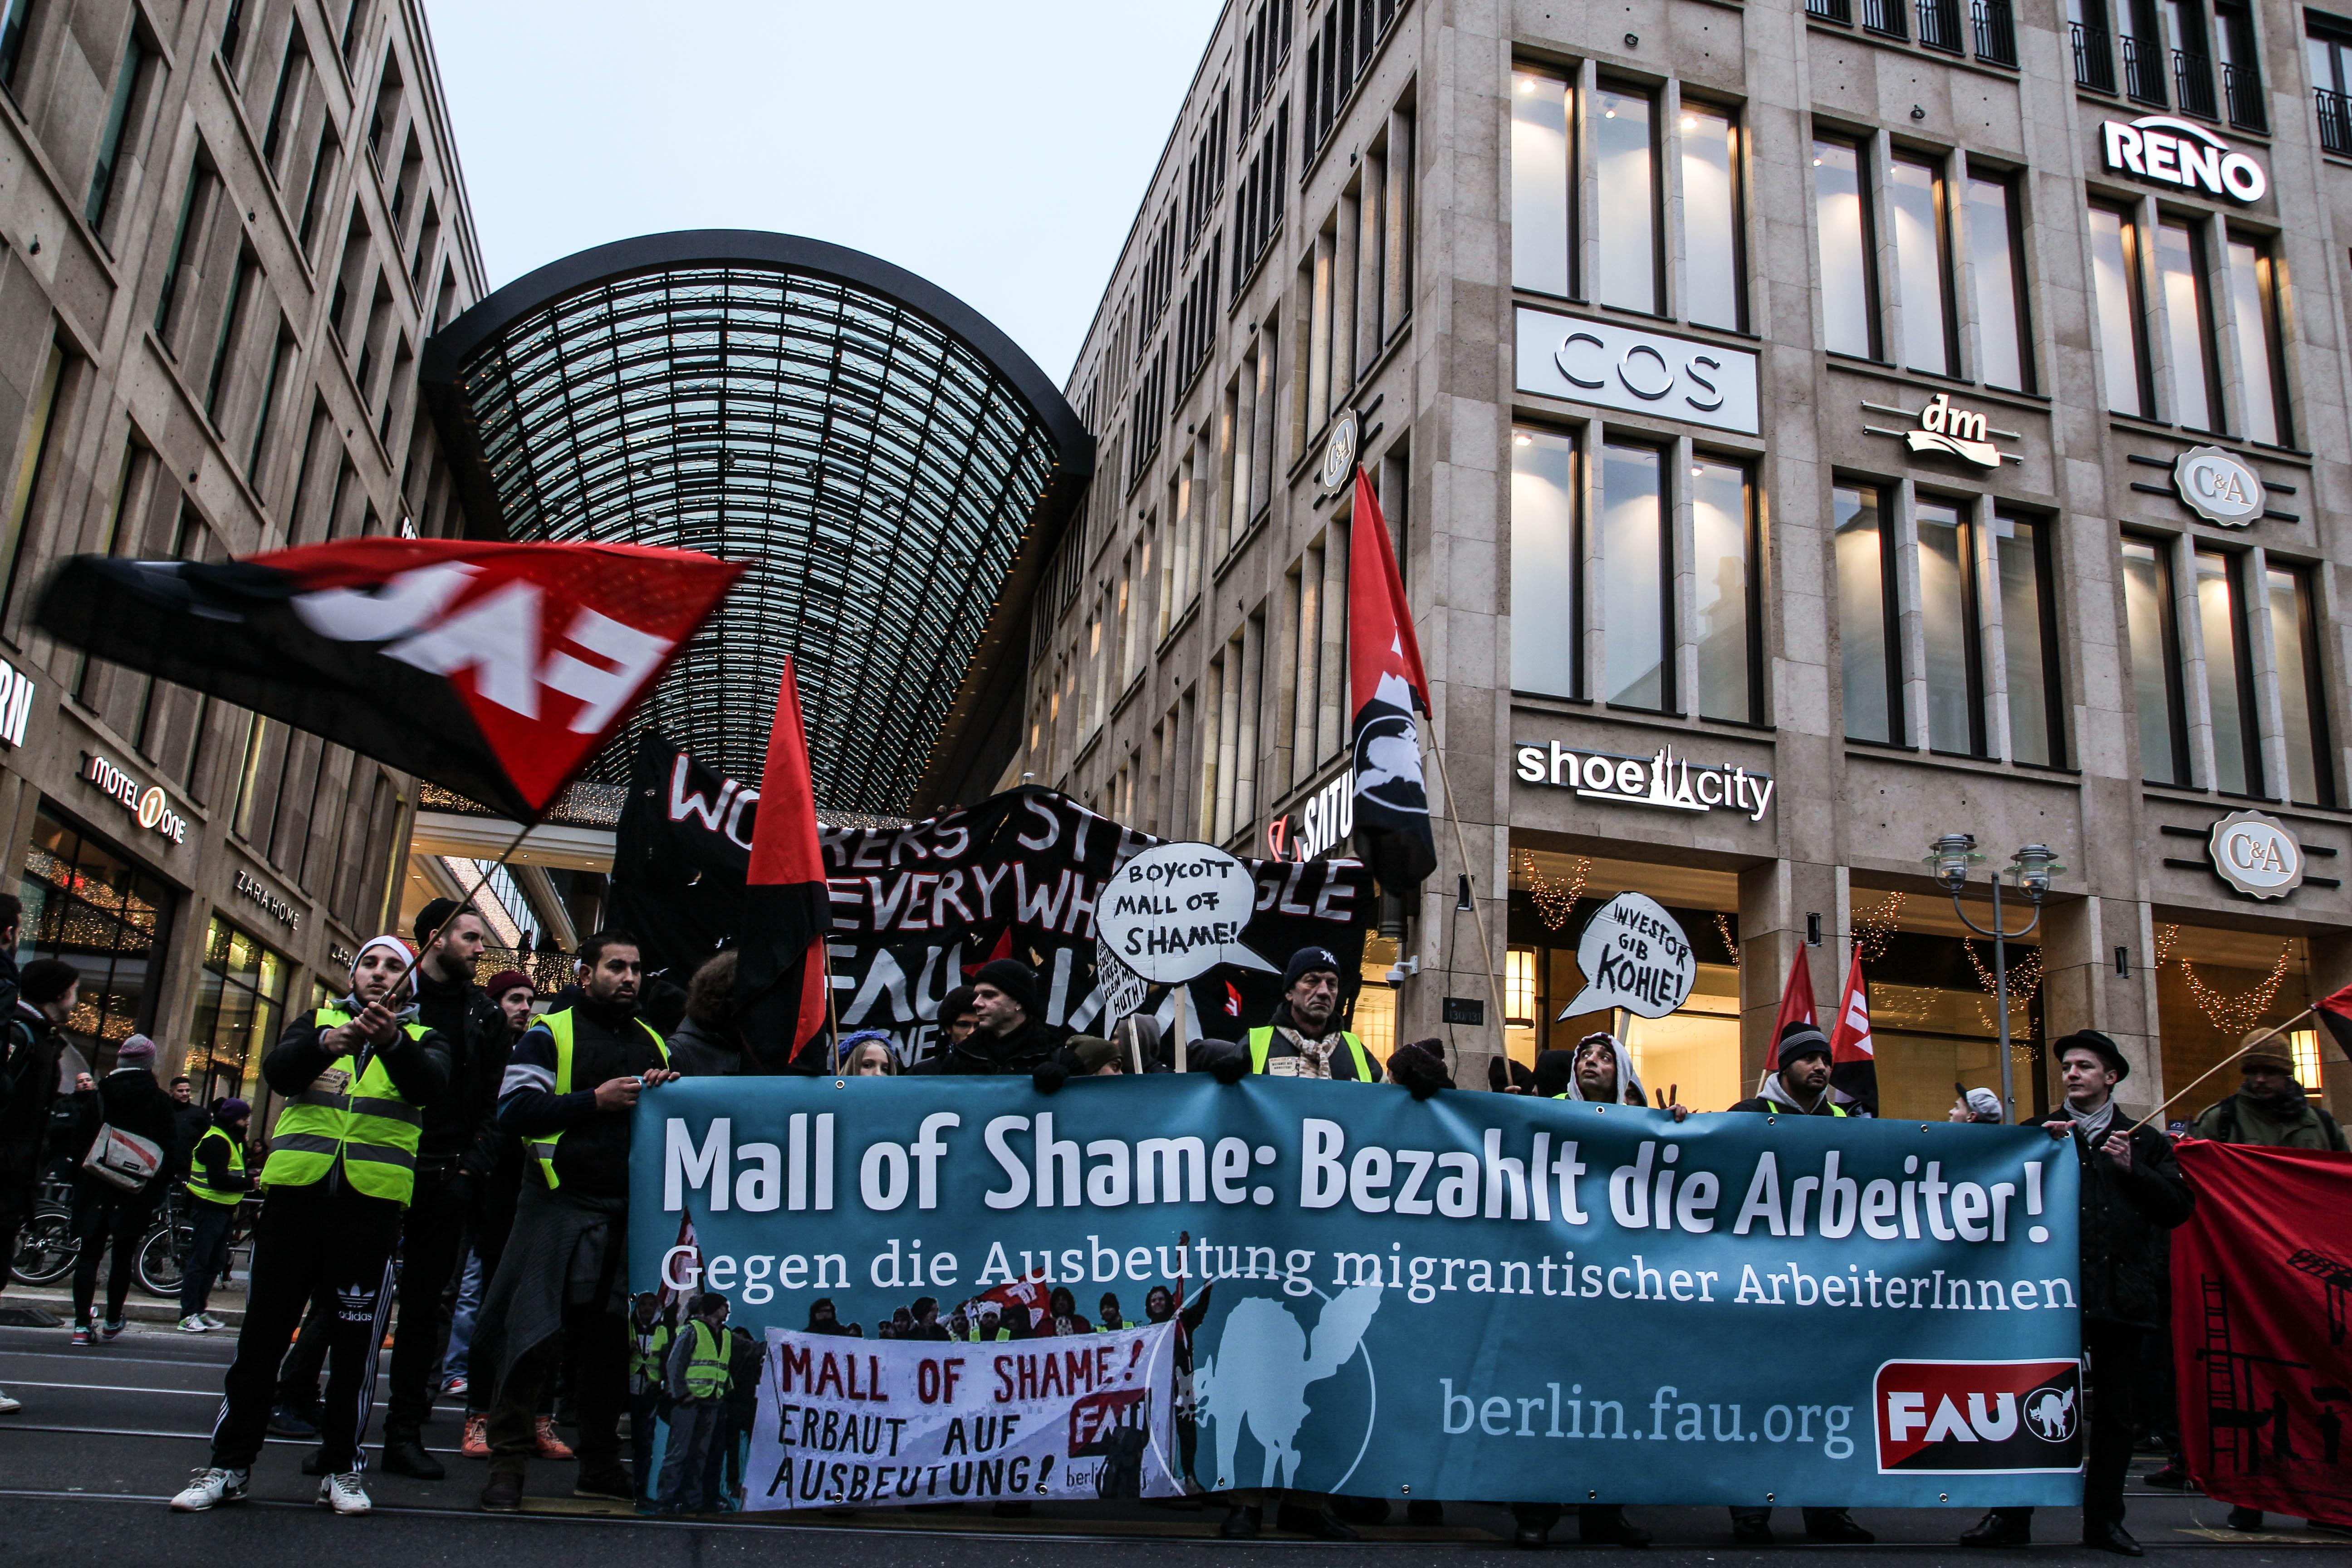 Mall of Shame: Bezahlt die Arbeiter!